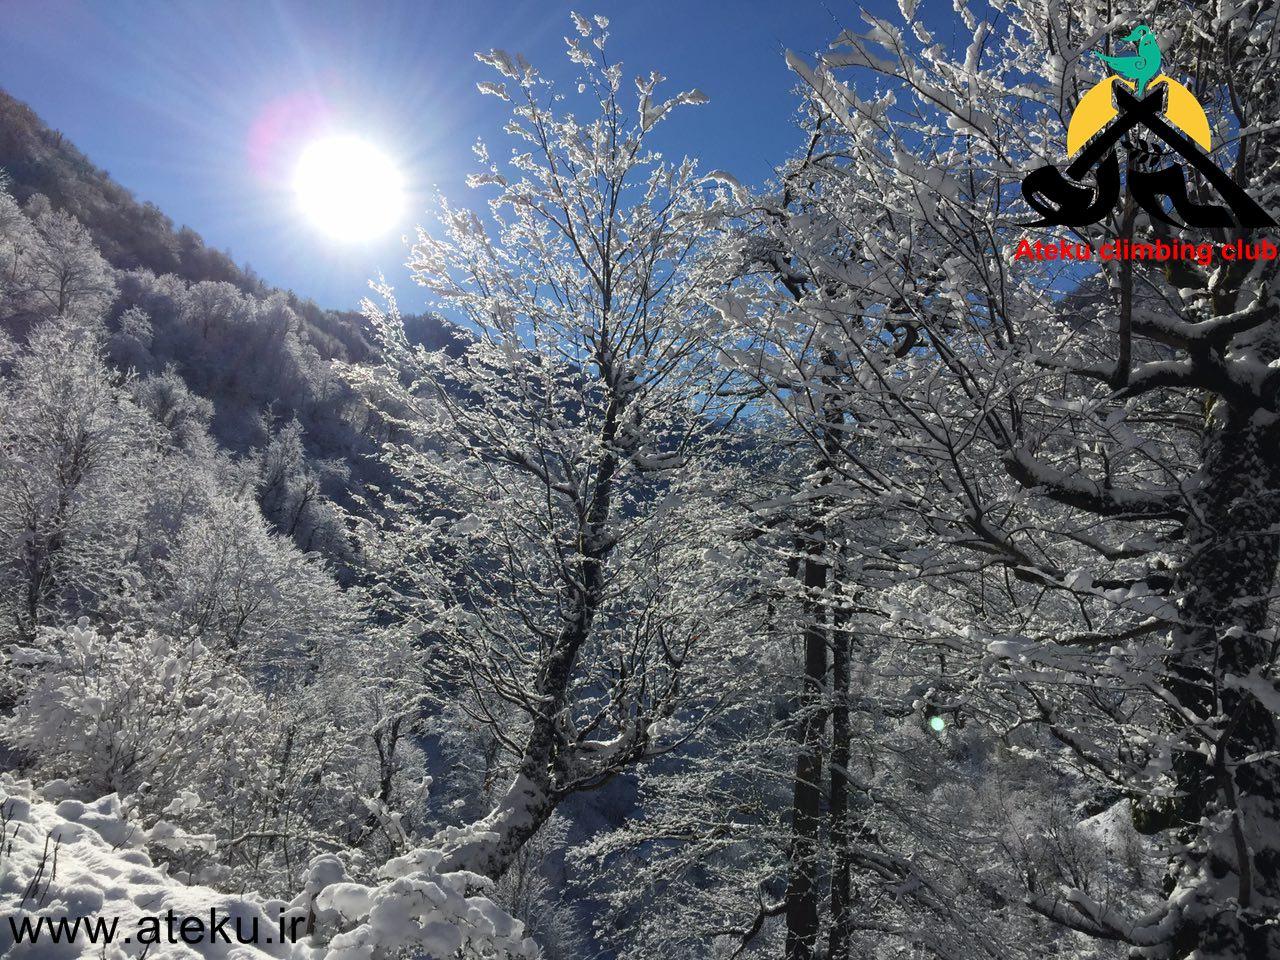 باشگاه-کوه-نوردی-اته-کو-گیلوندرود-ماسوله (3)